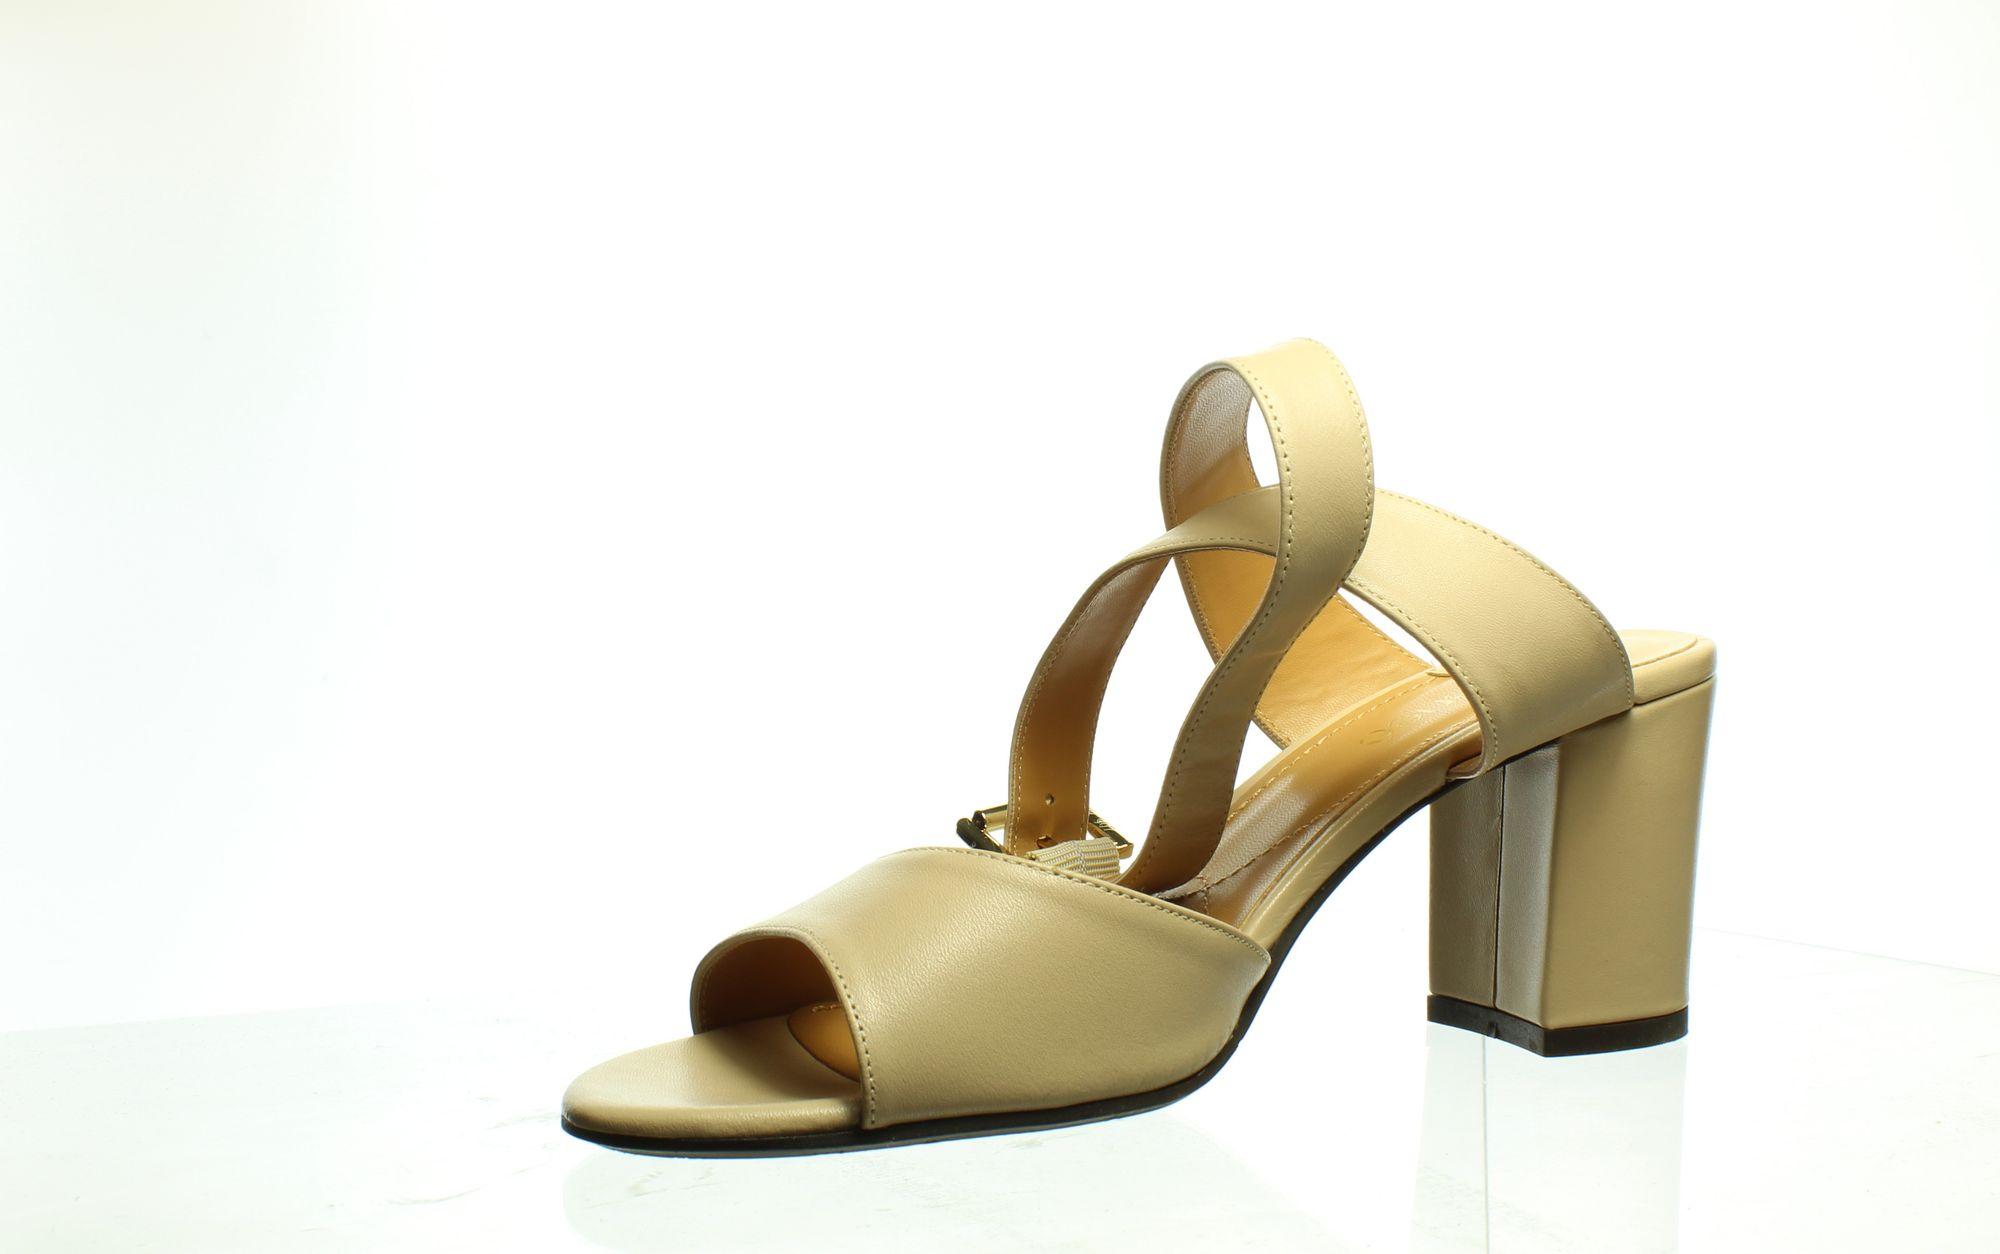 J. Renee Womens Drizella Nude Ankle Strap Heels Size 8.5